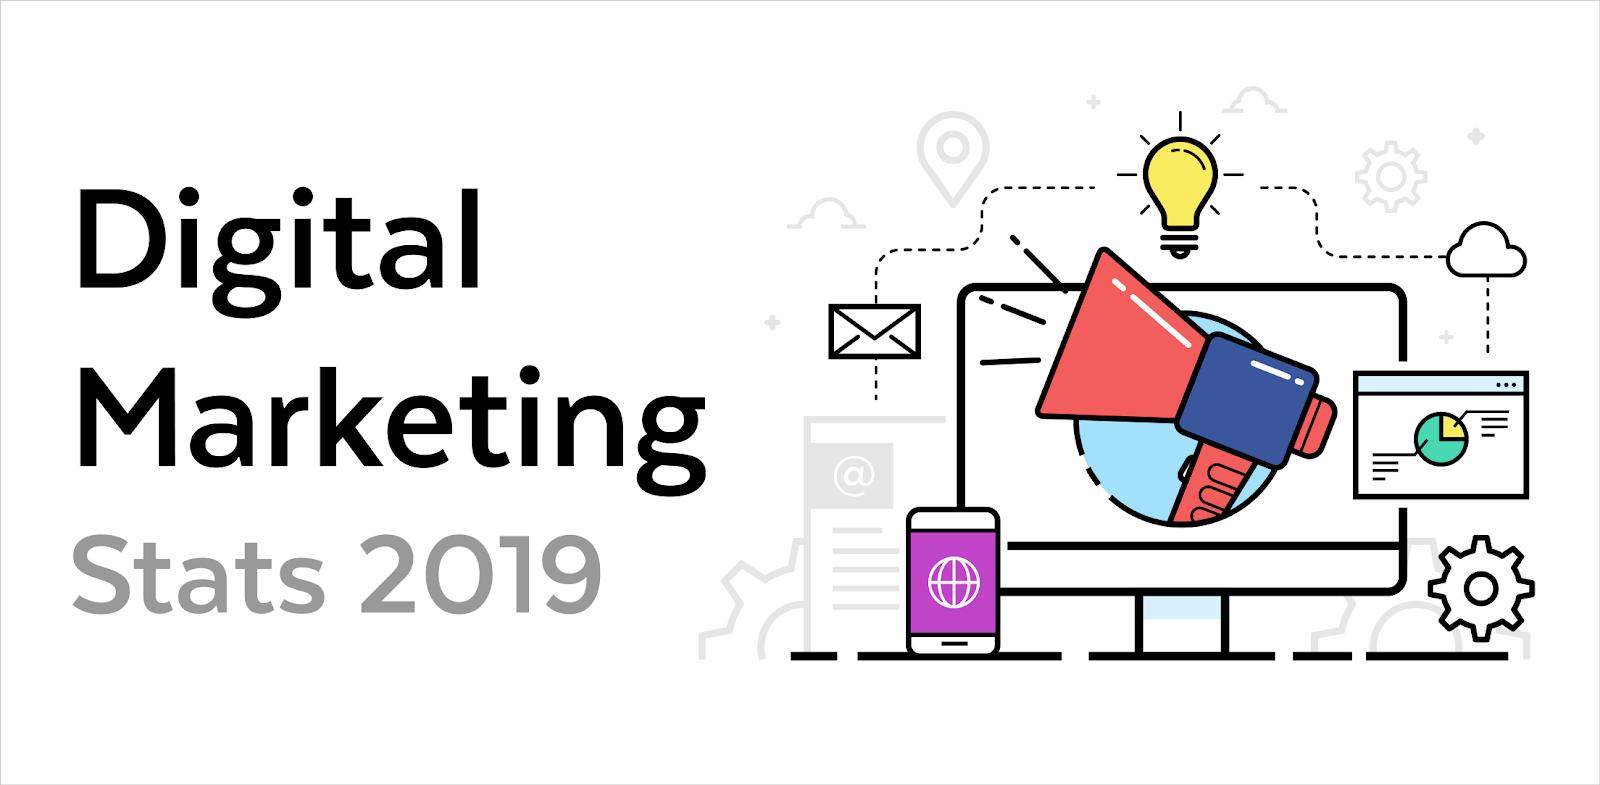 Digital Marketing Stats 2019